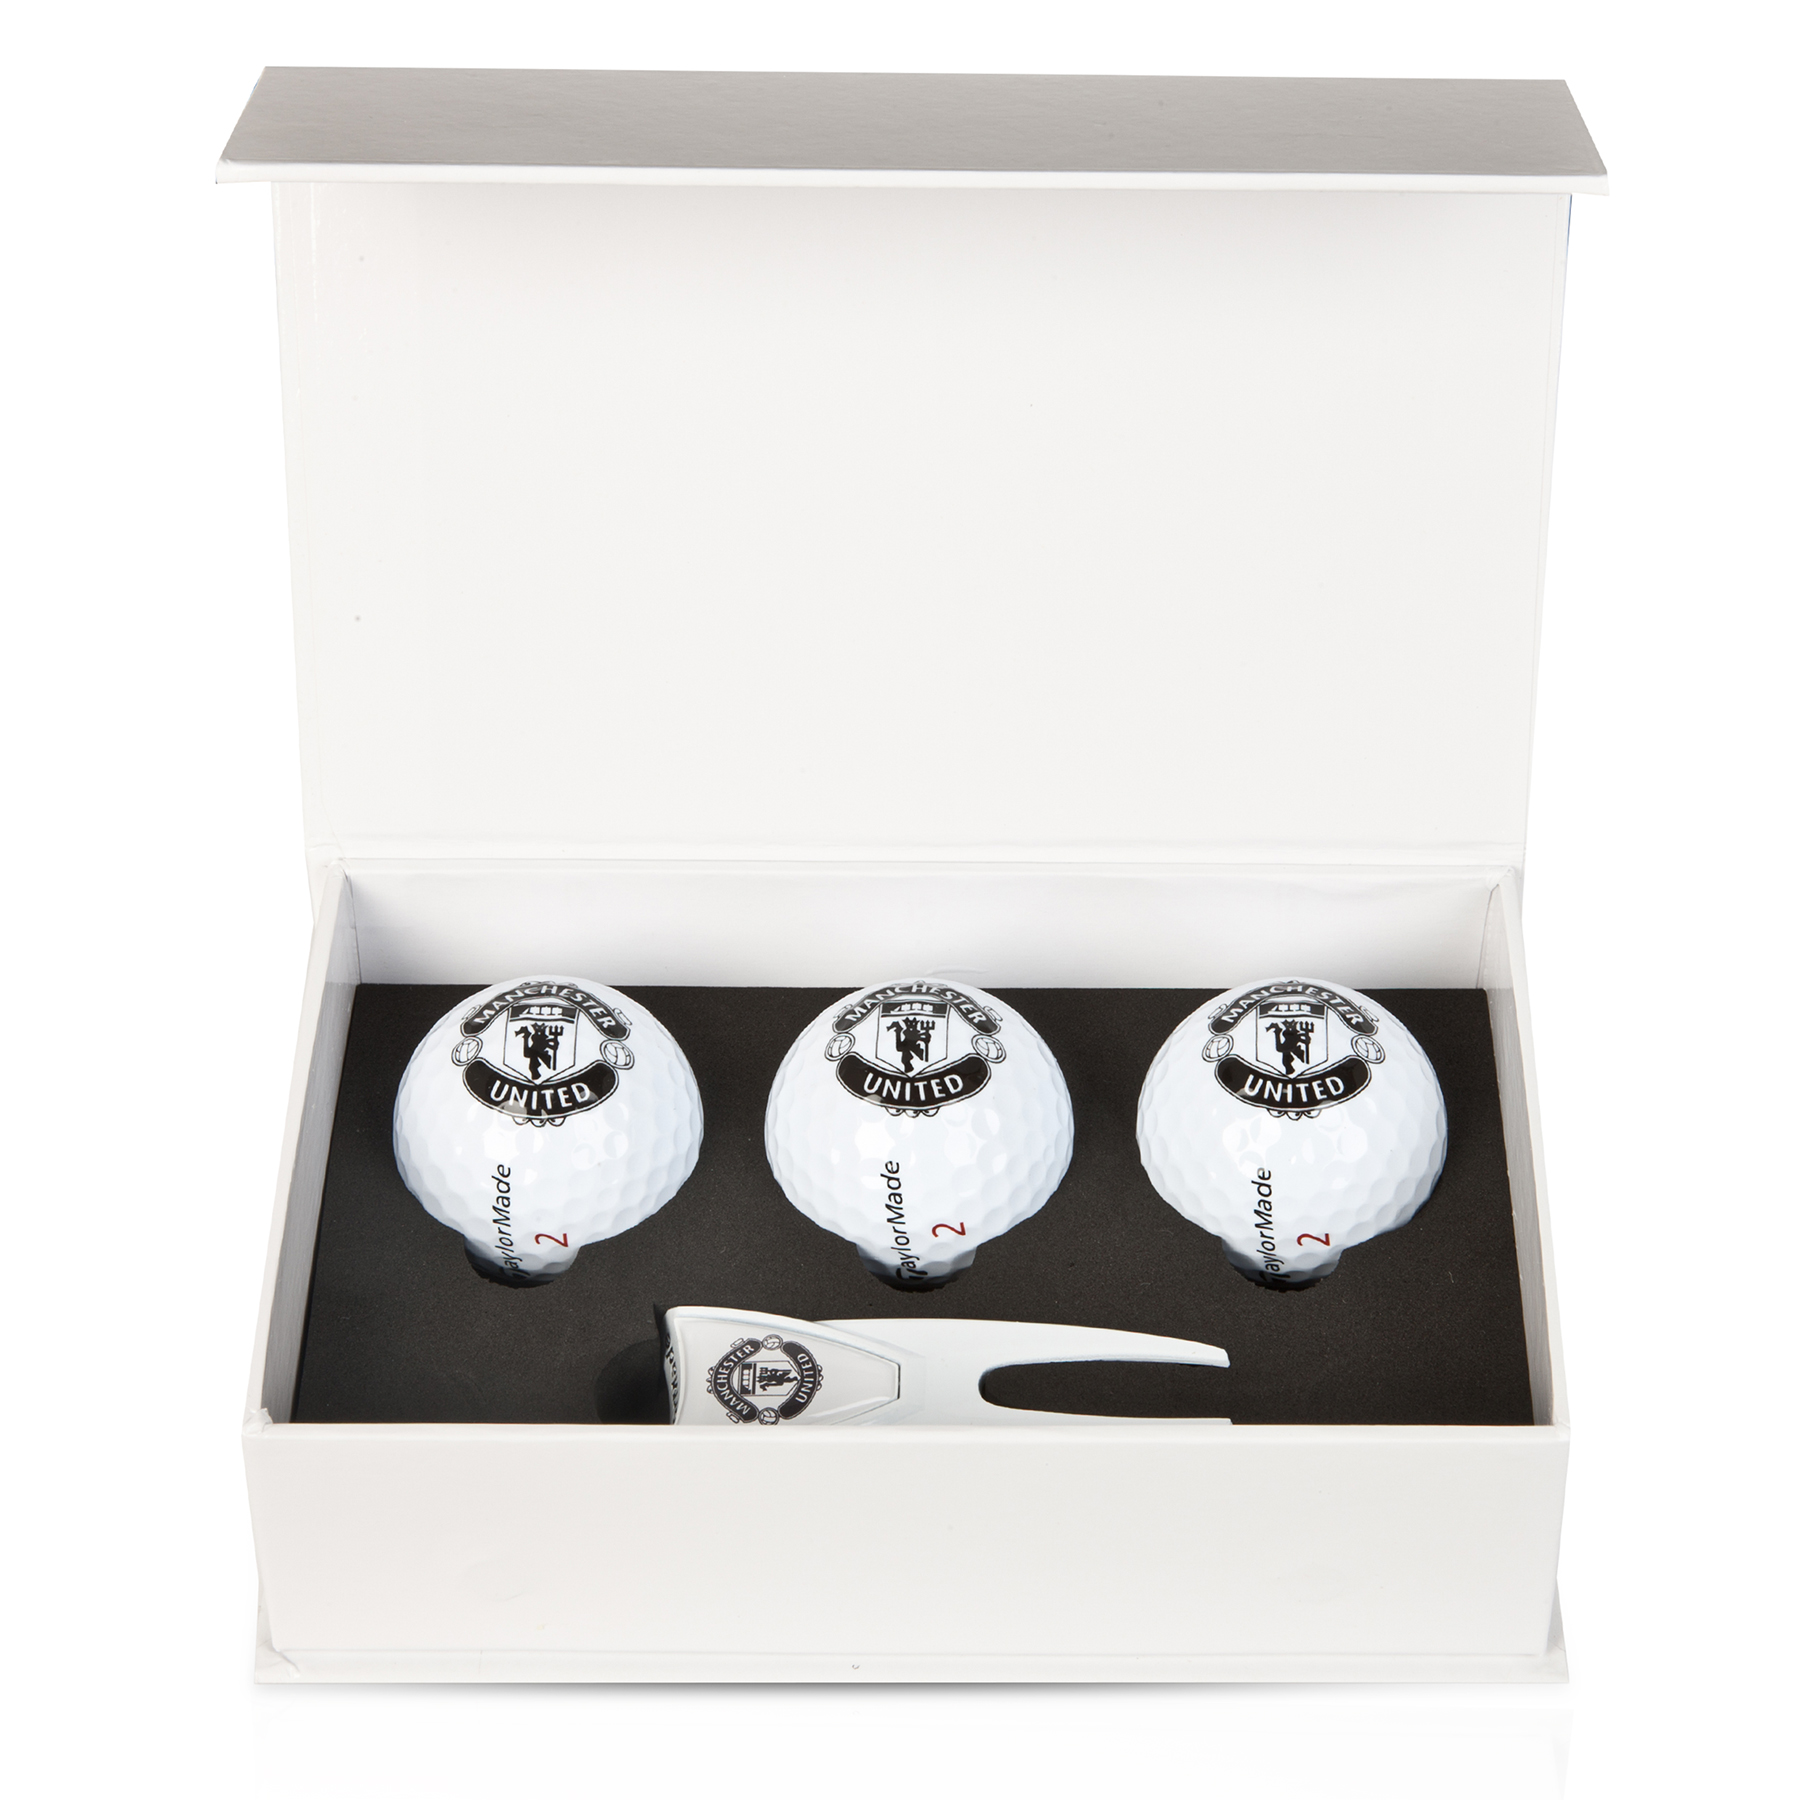 Manchester United Golf Gift Box - Small White